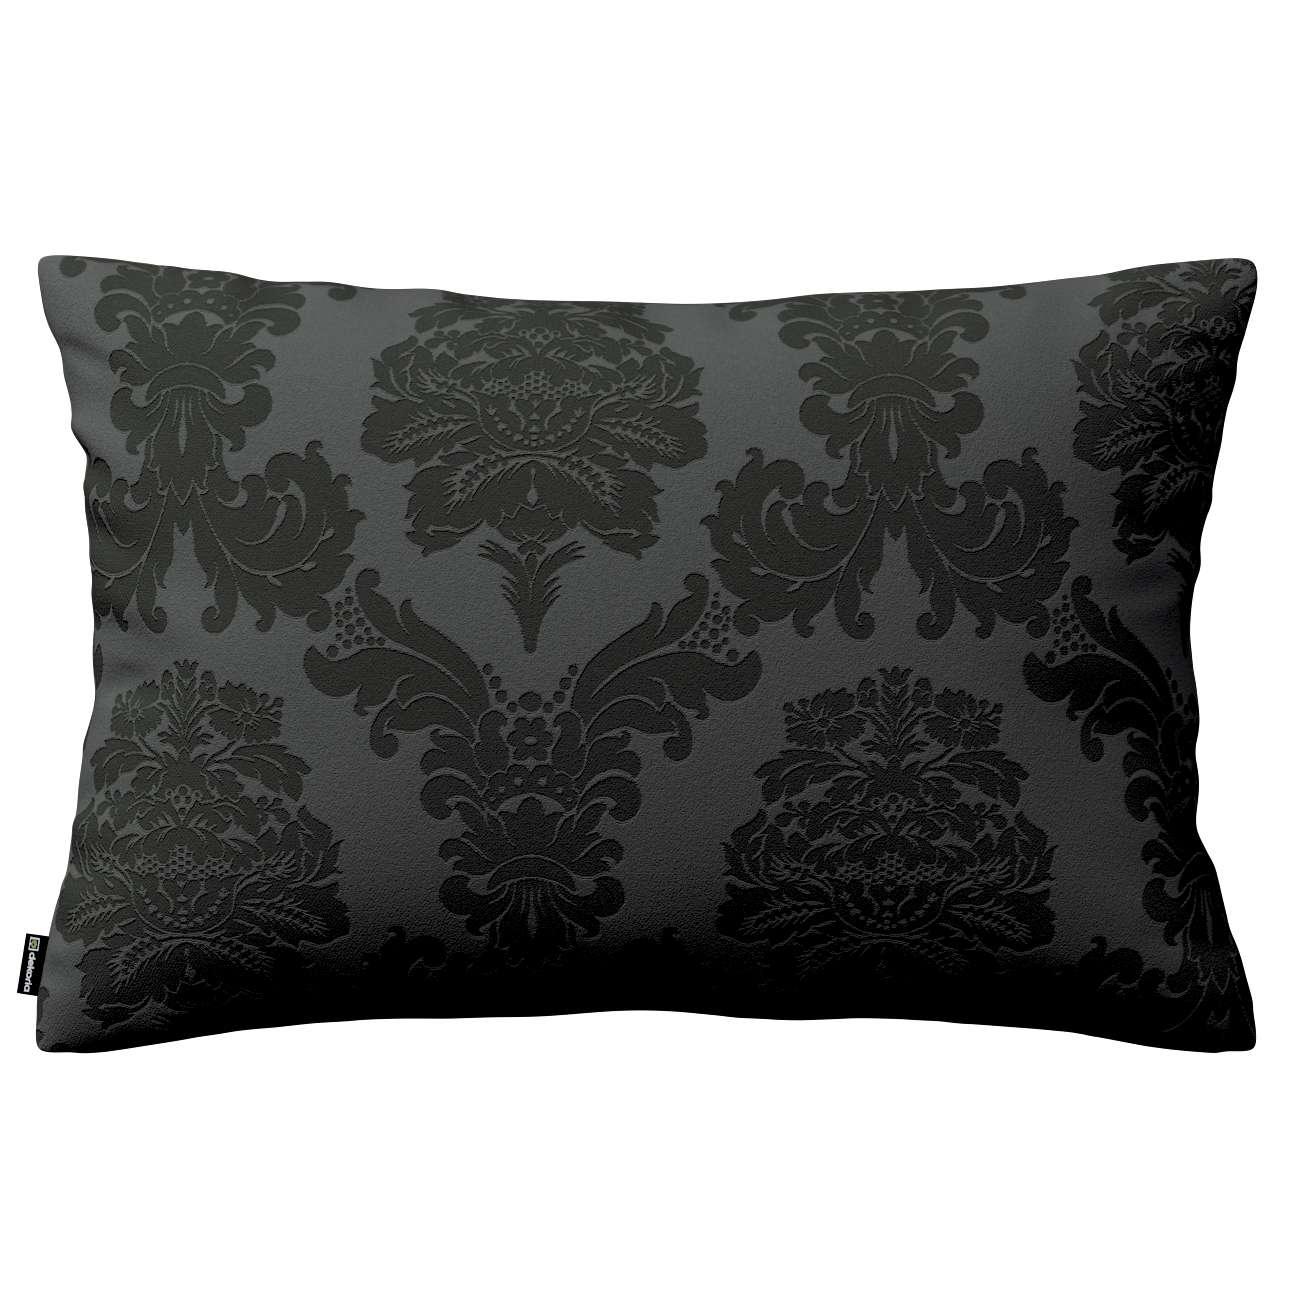 Poszewka Kinga na poduszkę prostokątną w kolekcji Damasco, tkanina: 613-32